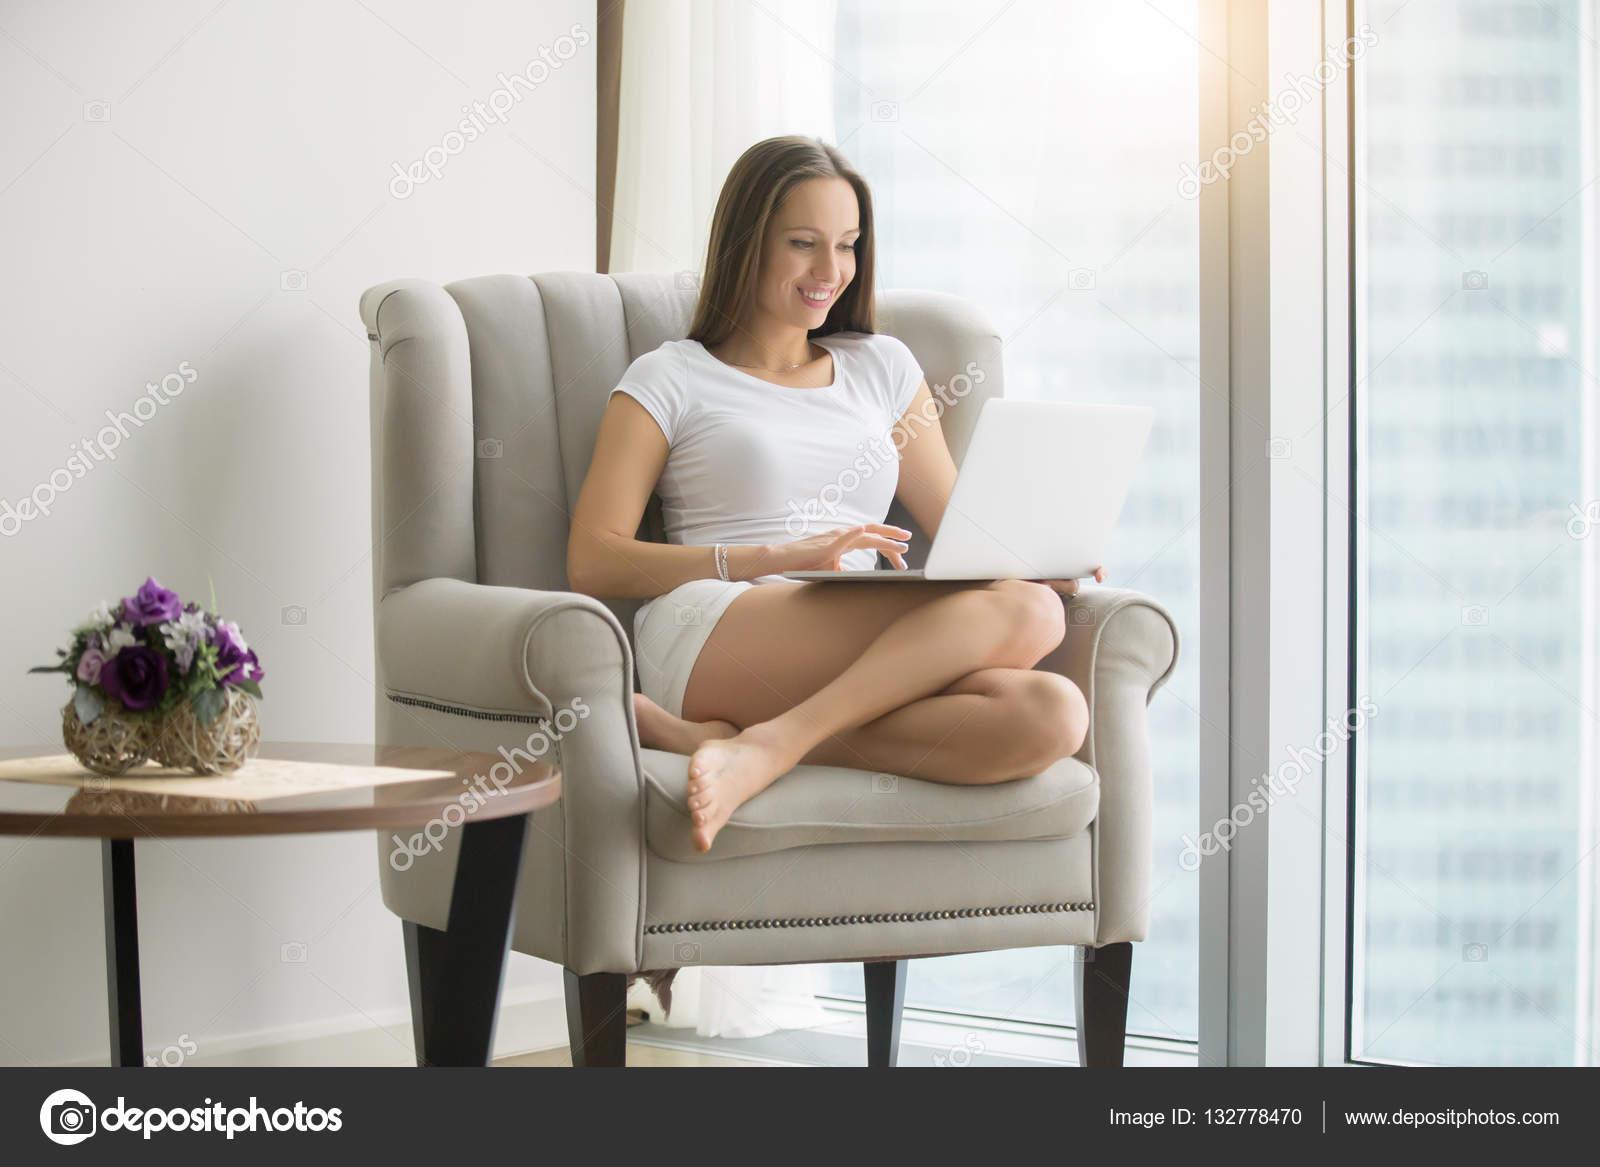 exempel på en bra online dating profil för en kvinna Hur skapar jag min egen dating hem sida